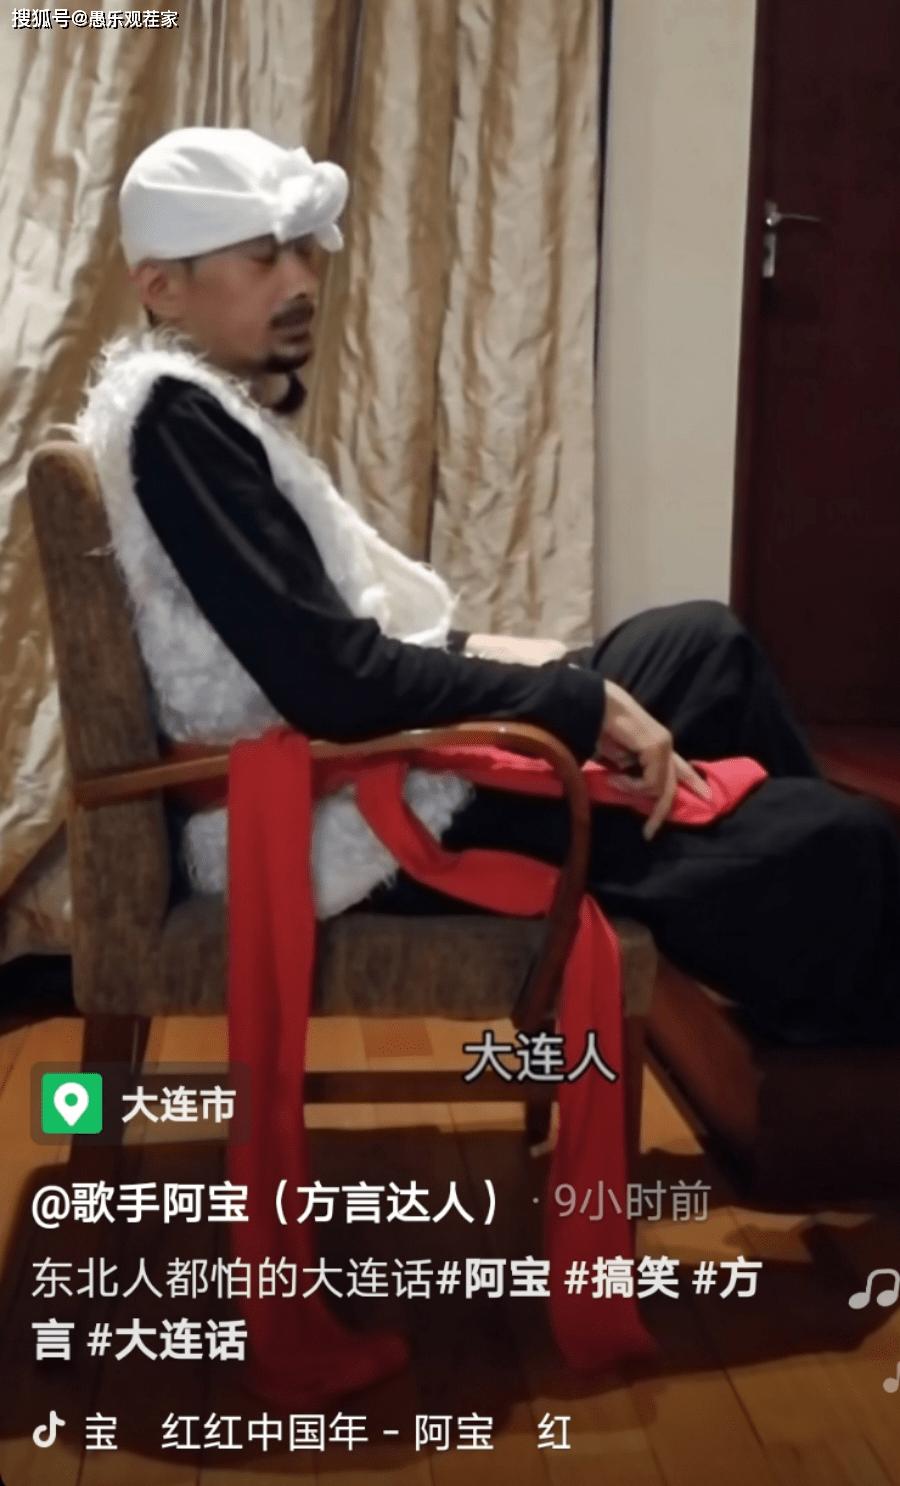 51岁阿宝近照曝光身形干瘪,黑眼圈严重,看上去十分落魄